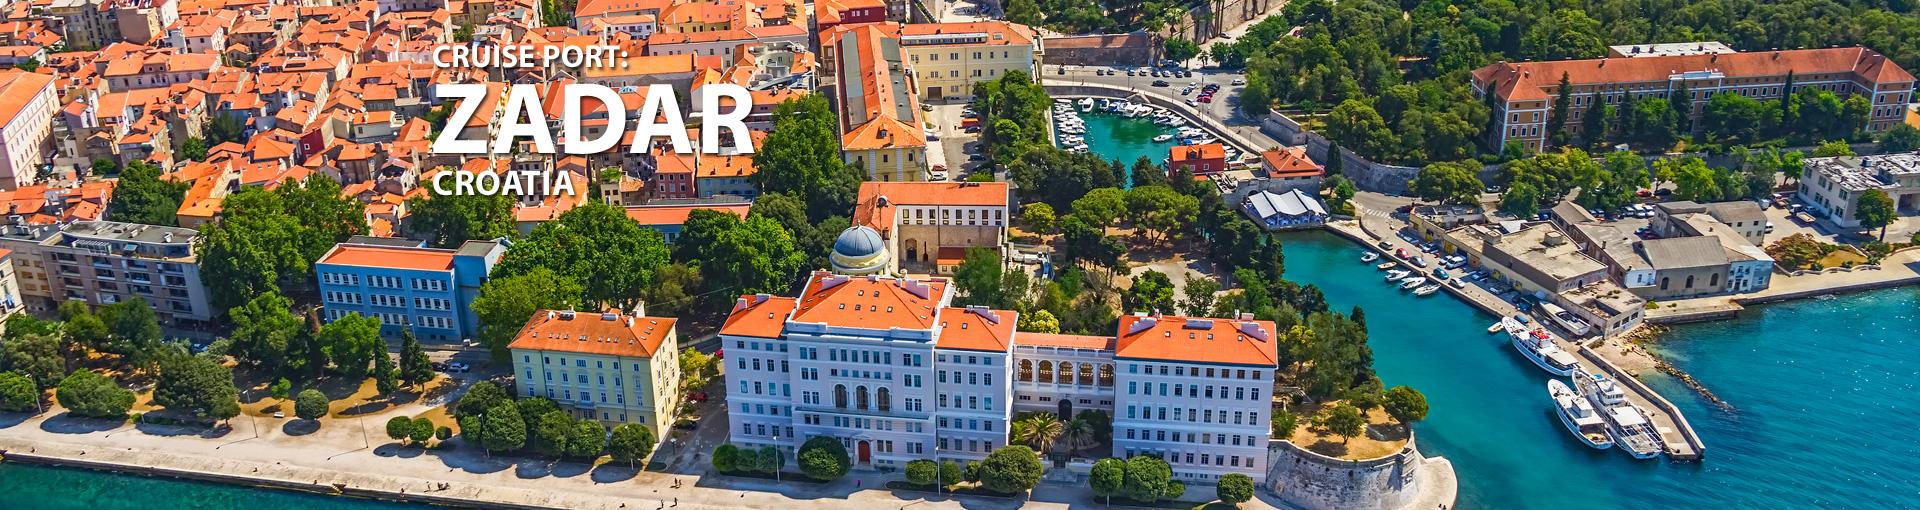 Cruises to Zadar, Croatia